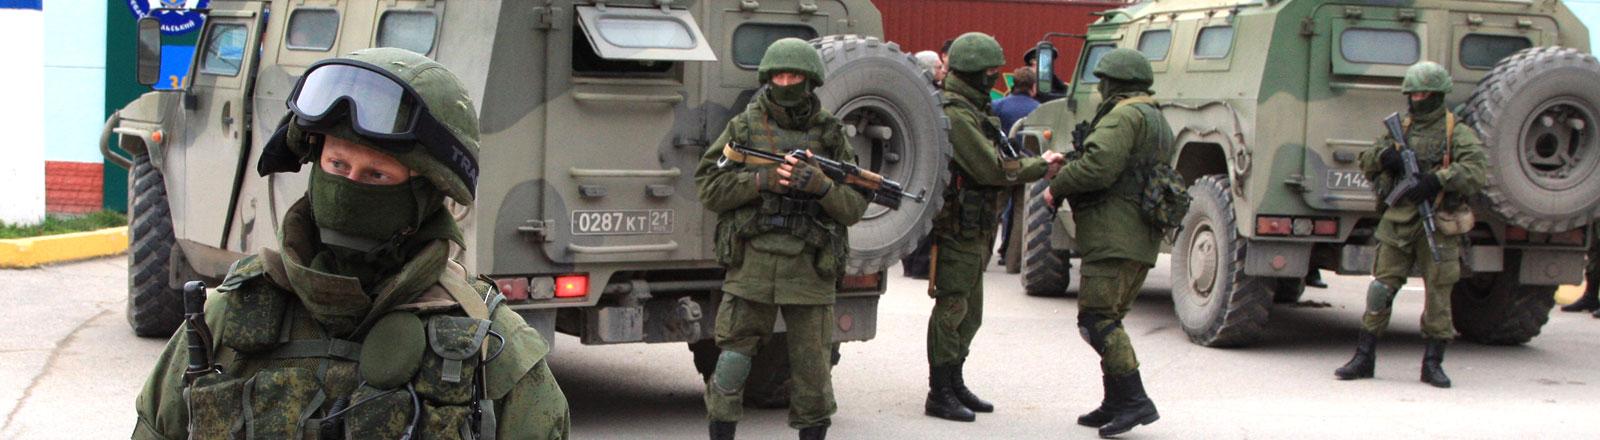 Die Soldaten in der Ukraine bereiten sich auf die Eskalation des Konflikts vor.